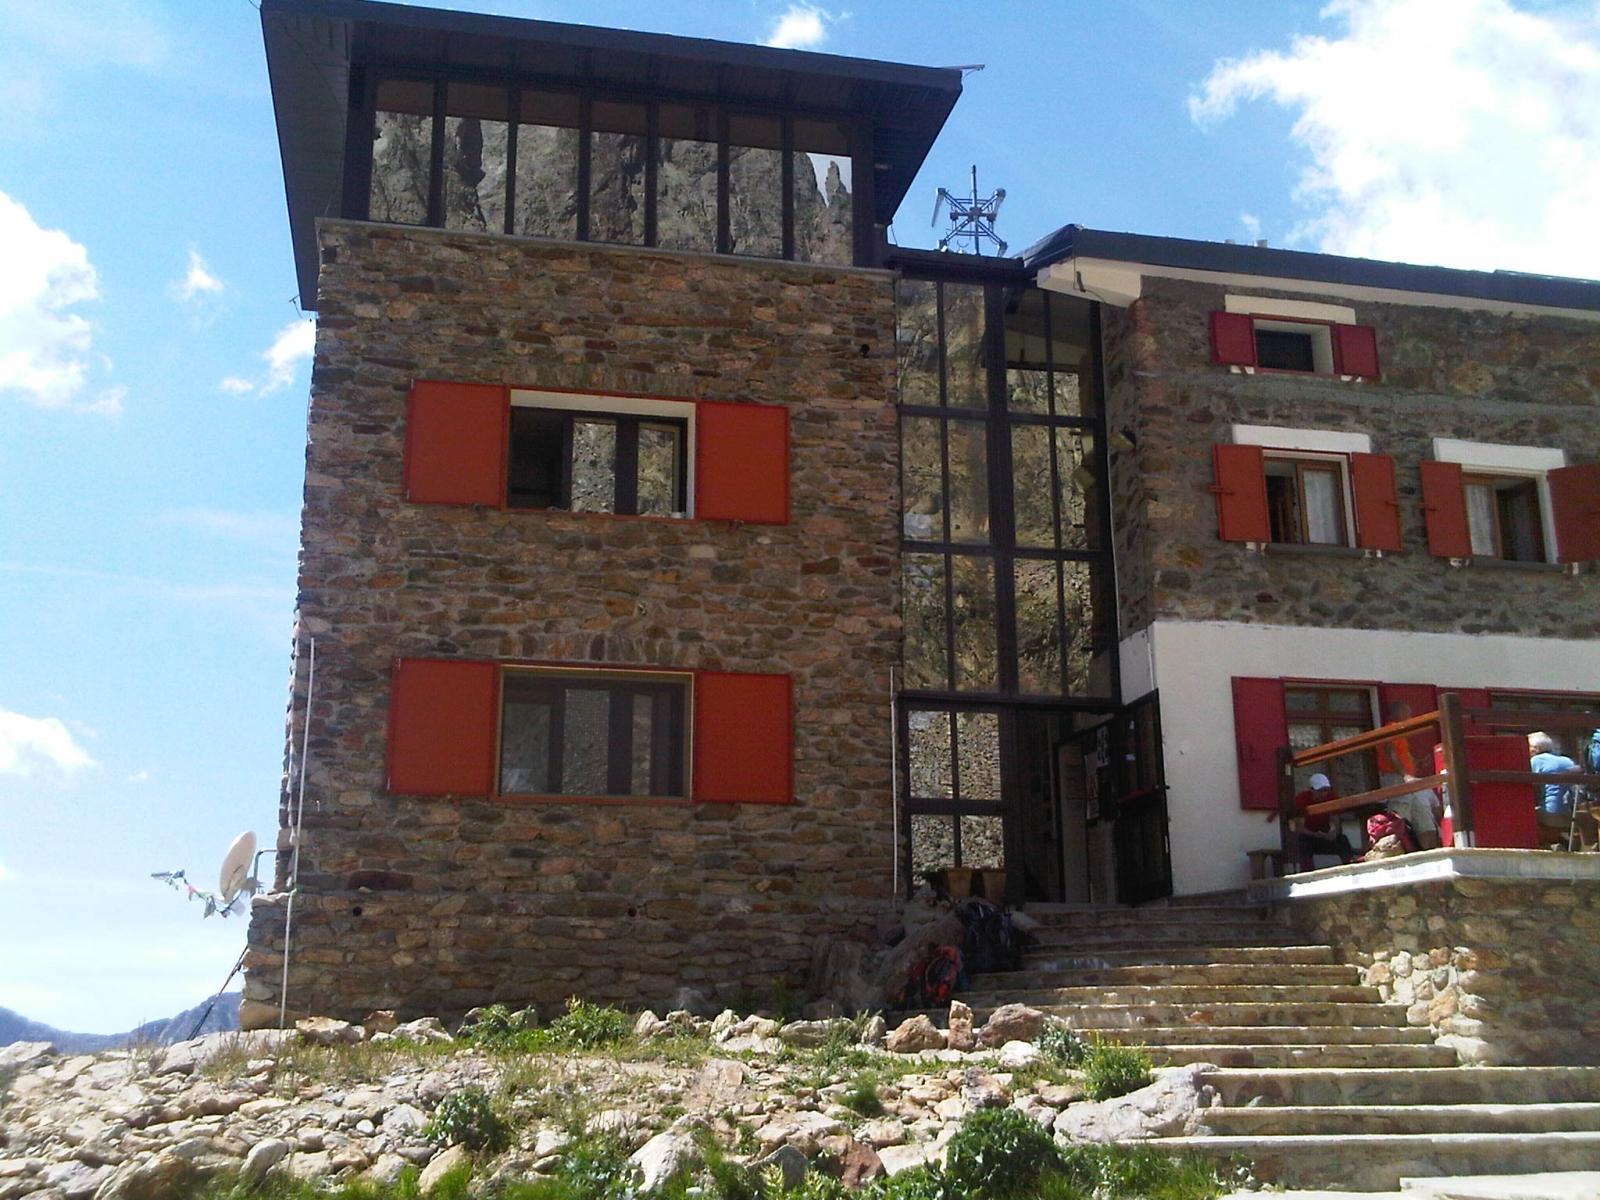 Mte. Argentera 08-11 August 2012 (Photo 14)